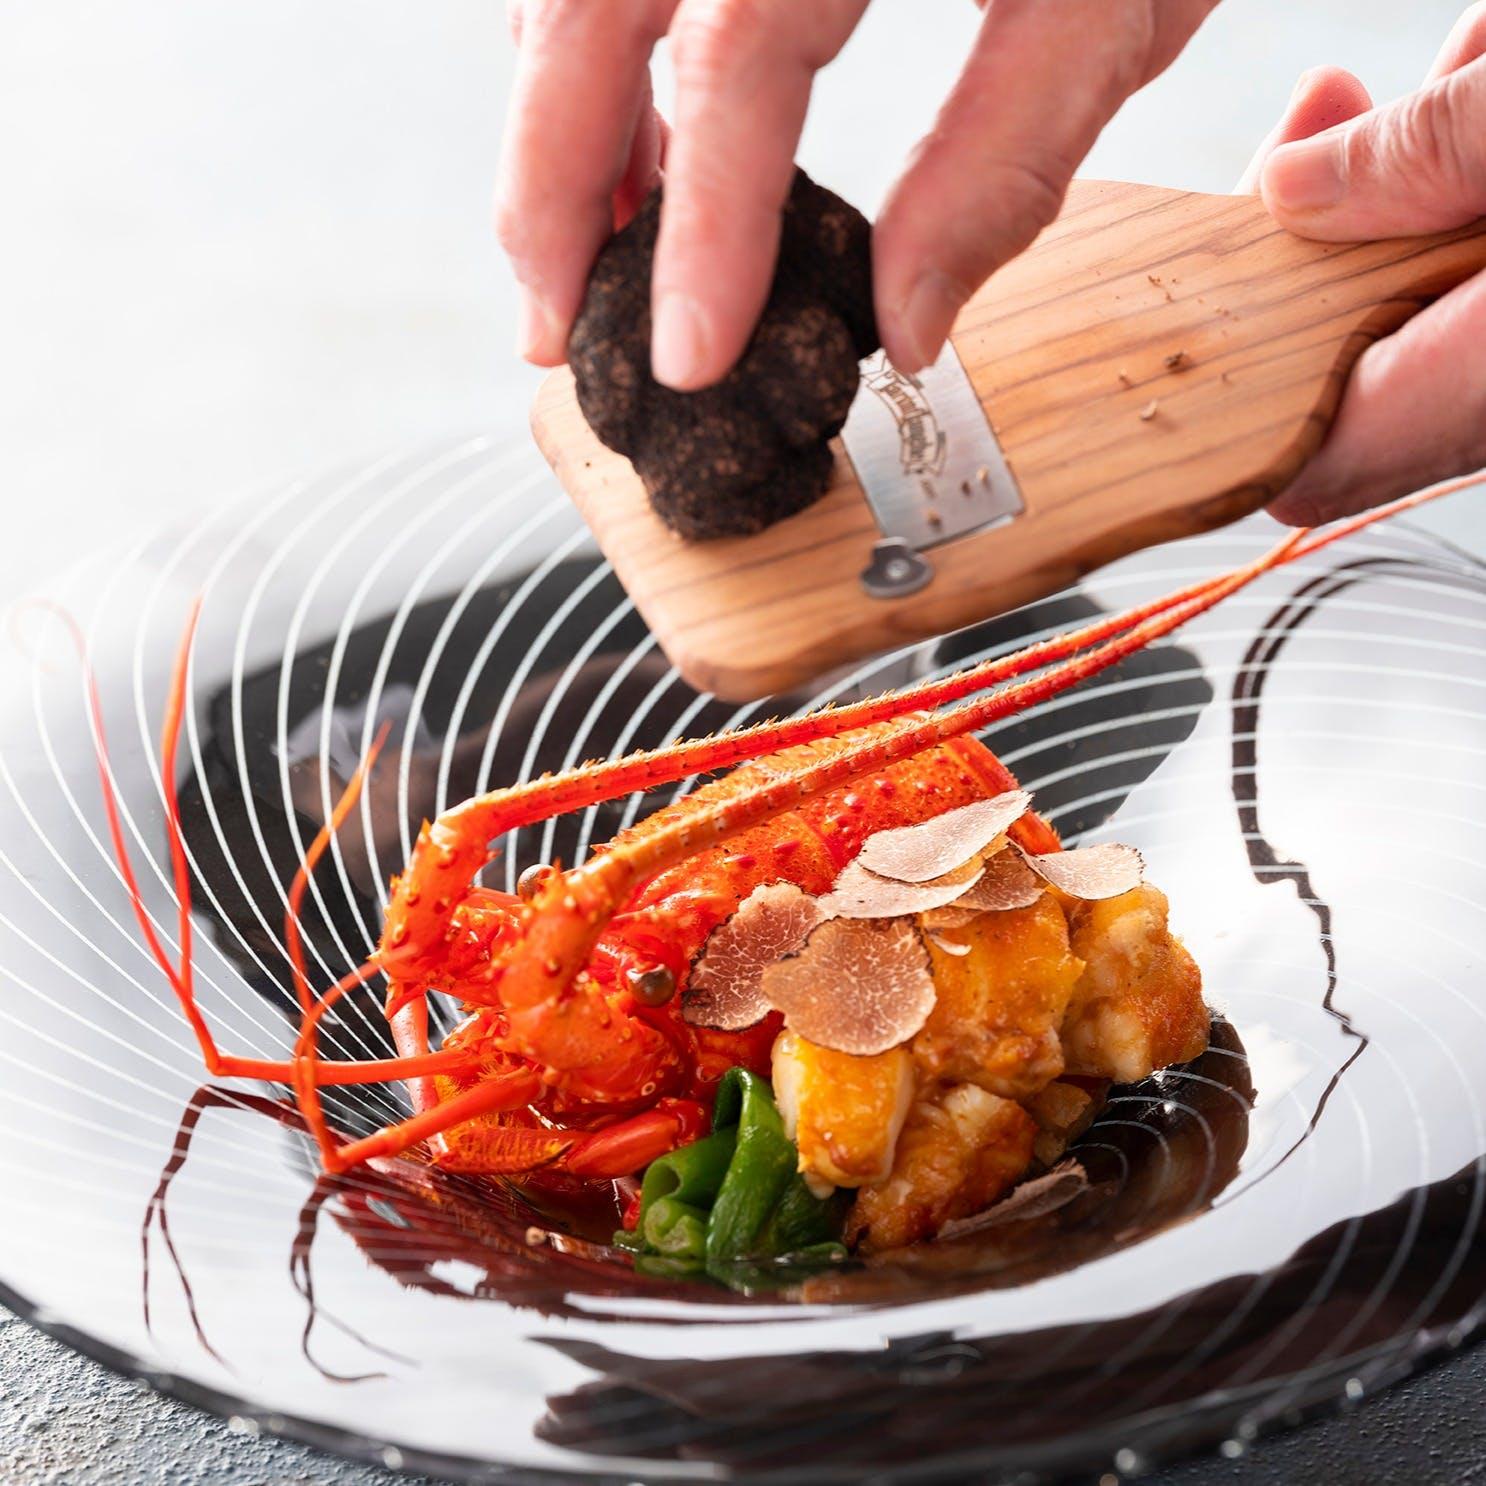 伝統的な会席料理に一手間加え実現する「Neo Japanese Dinner」